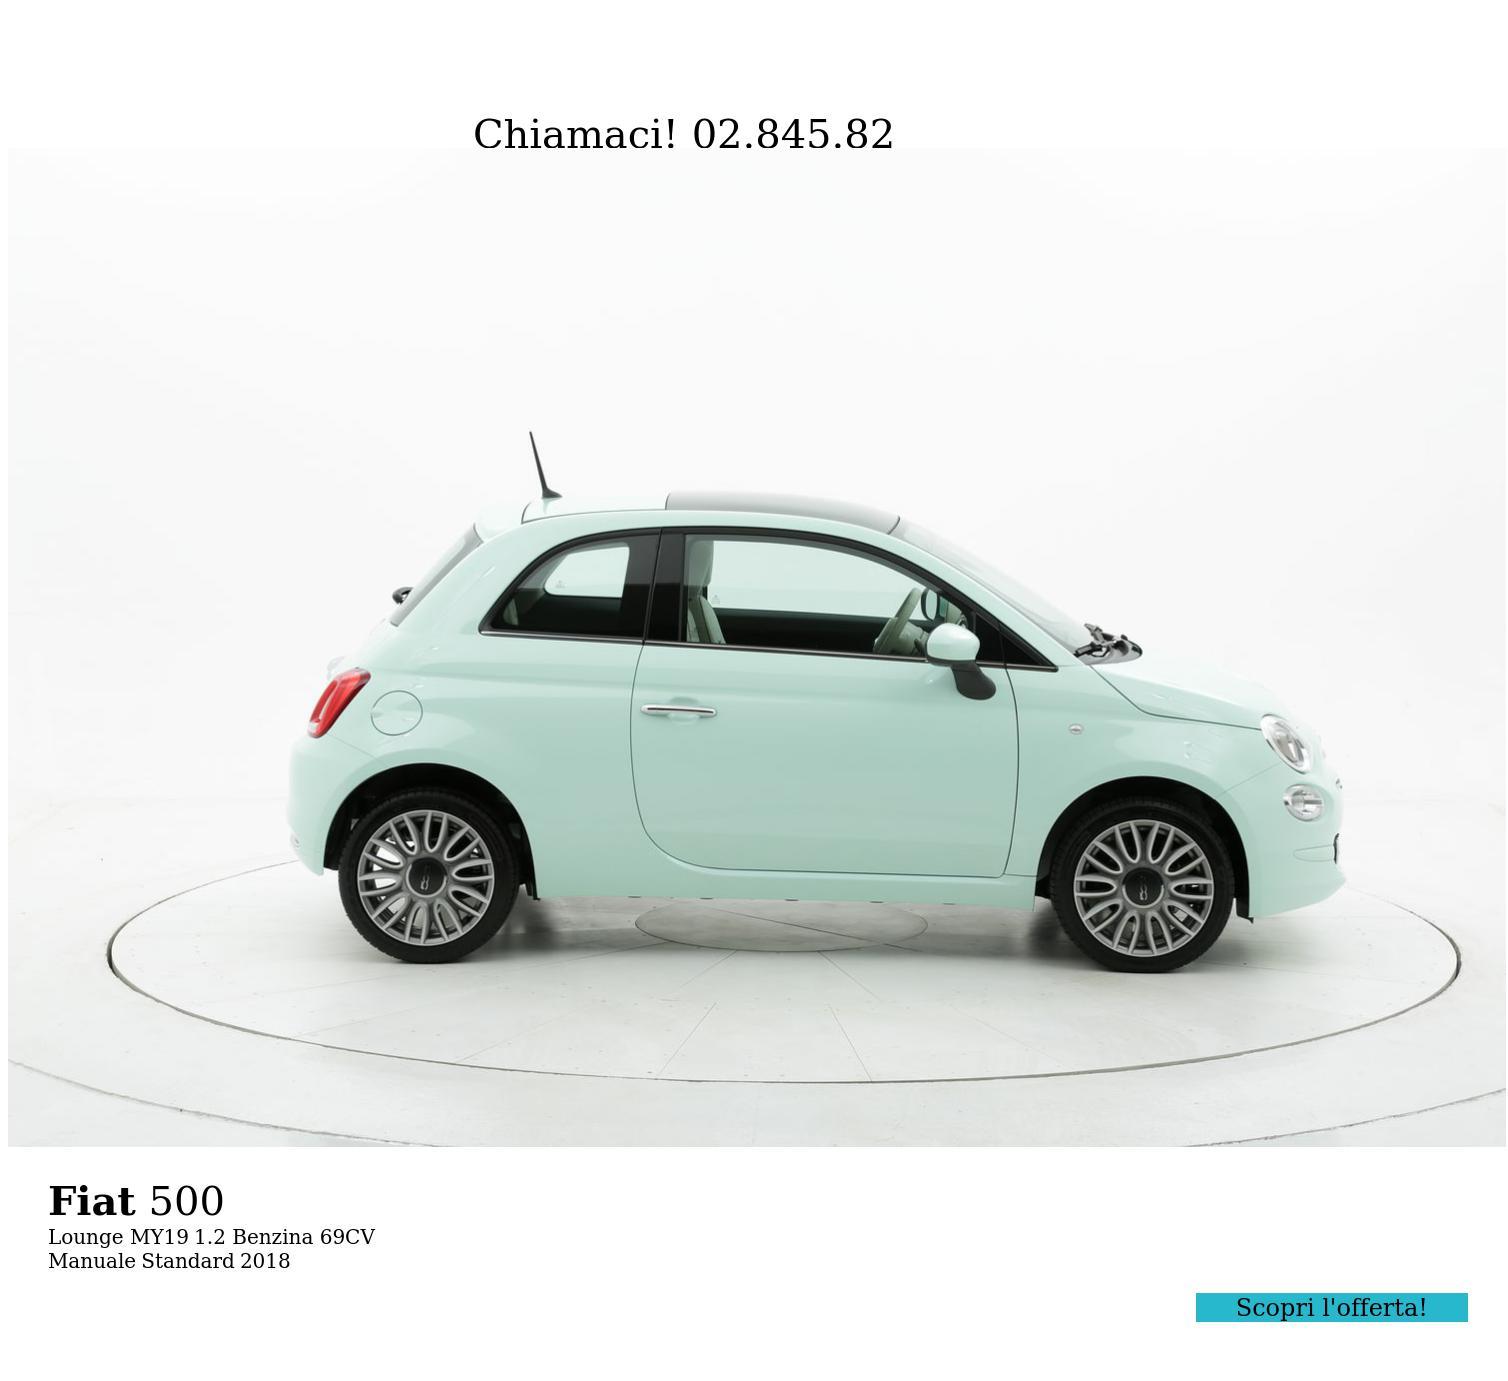 Fiat 500 Lounge MY19 km 0 benzina verde chiara | brumbrum